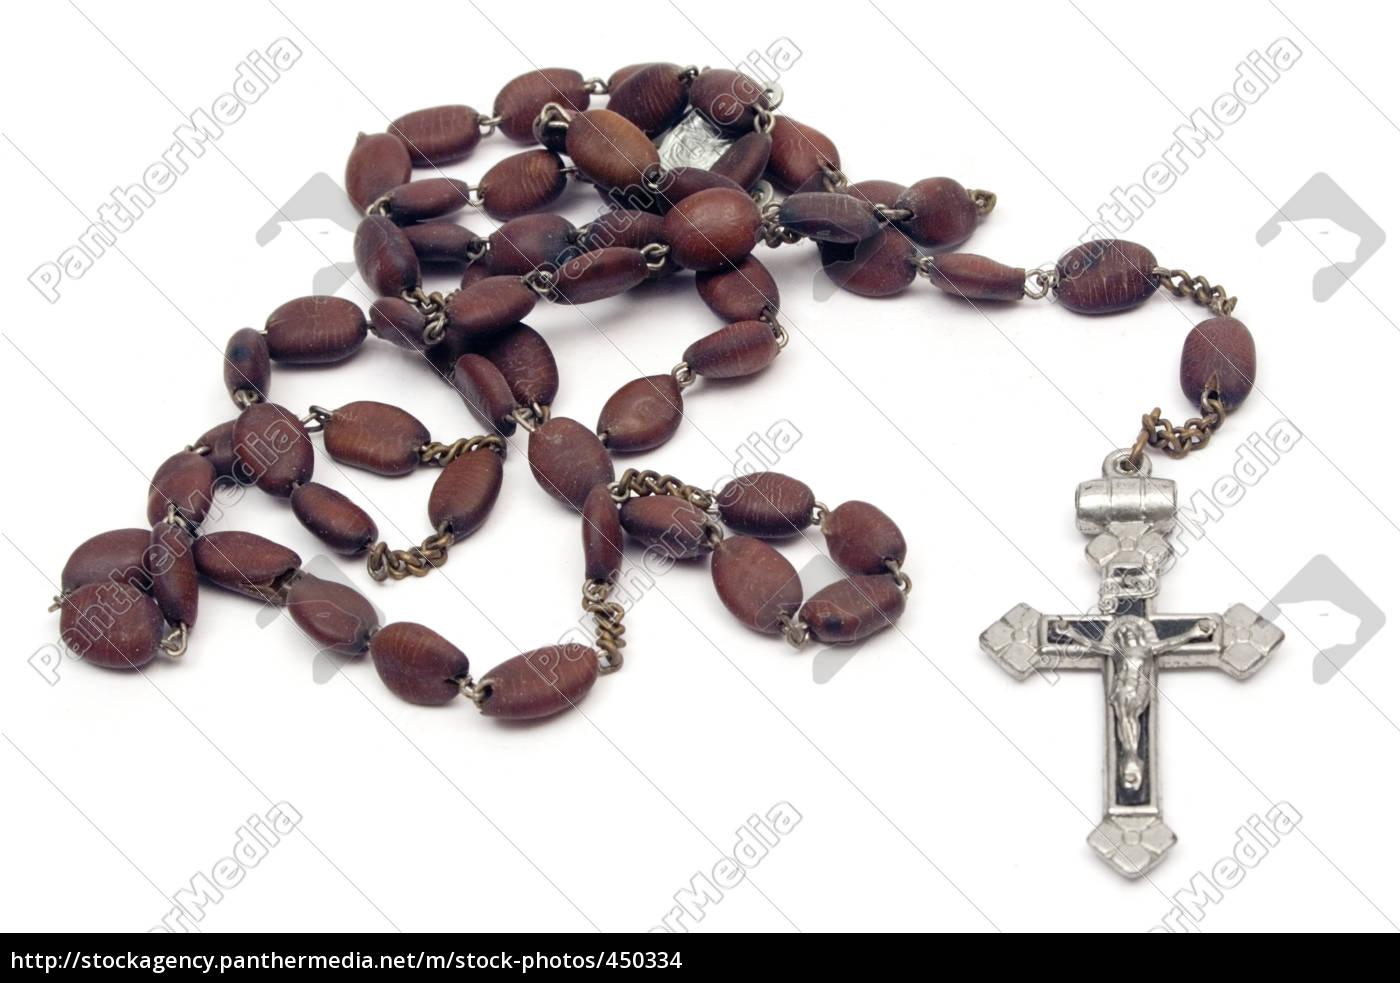 rosary - 450334